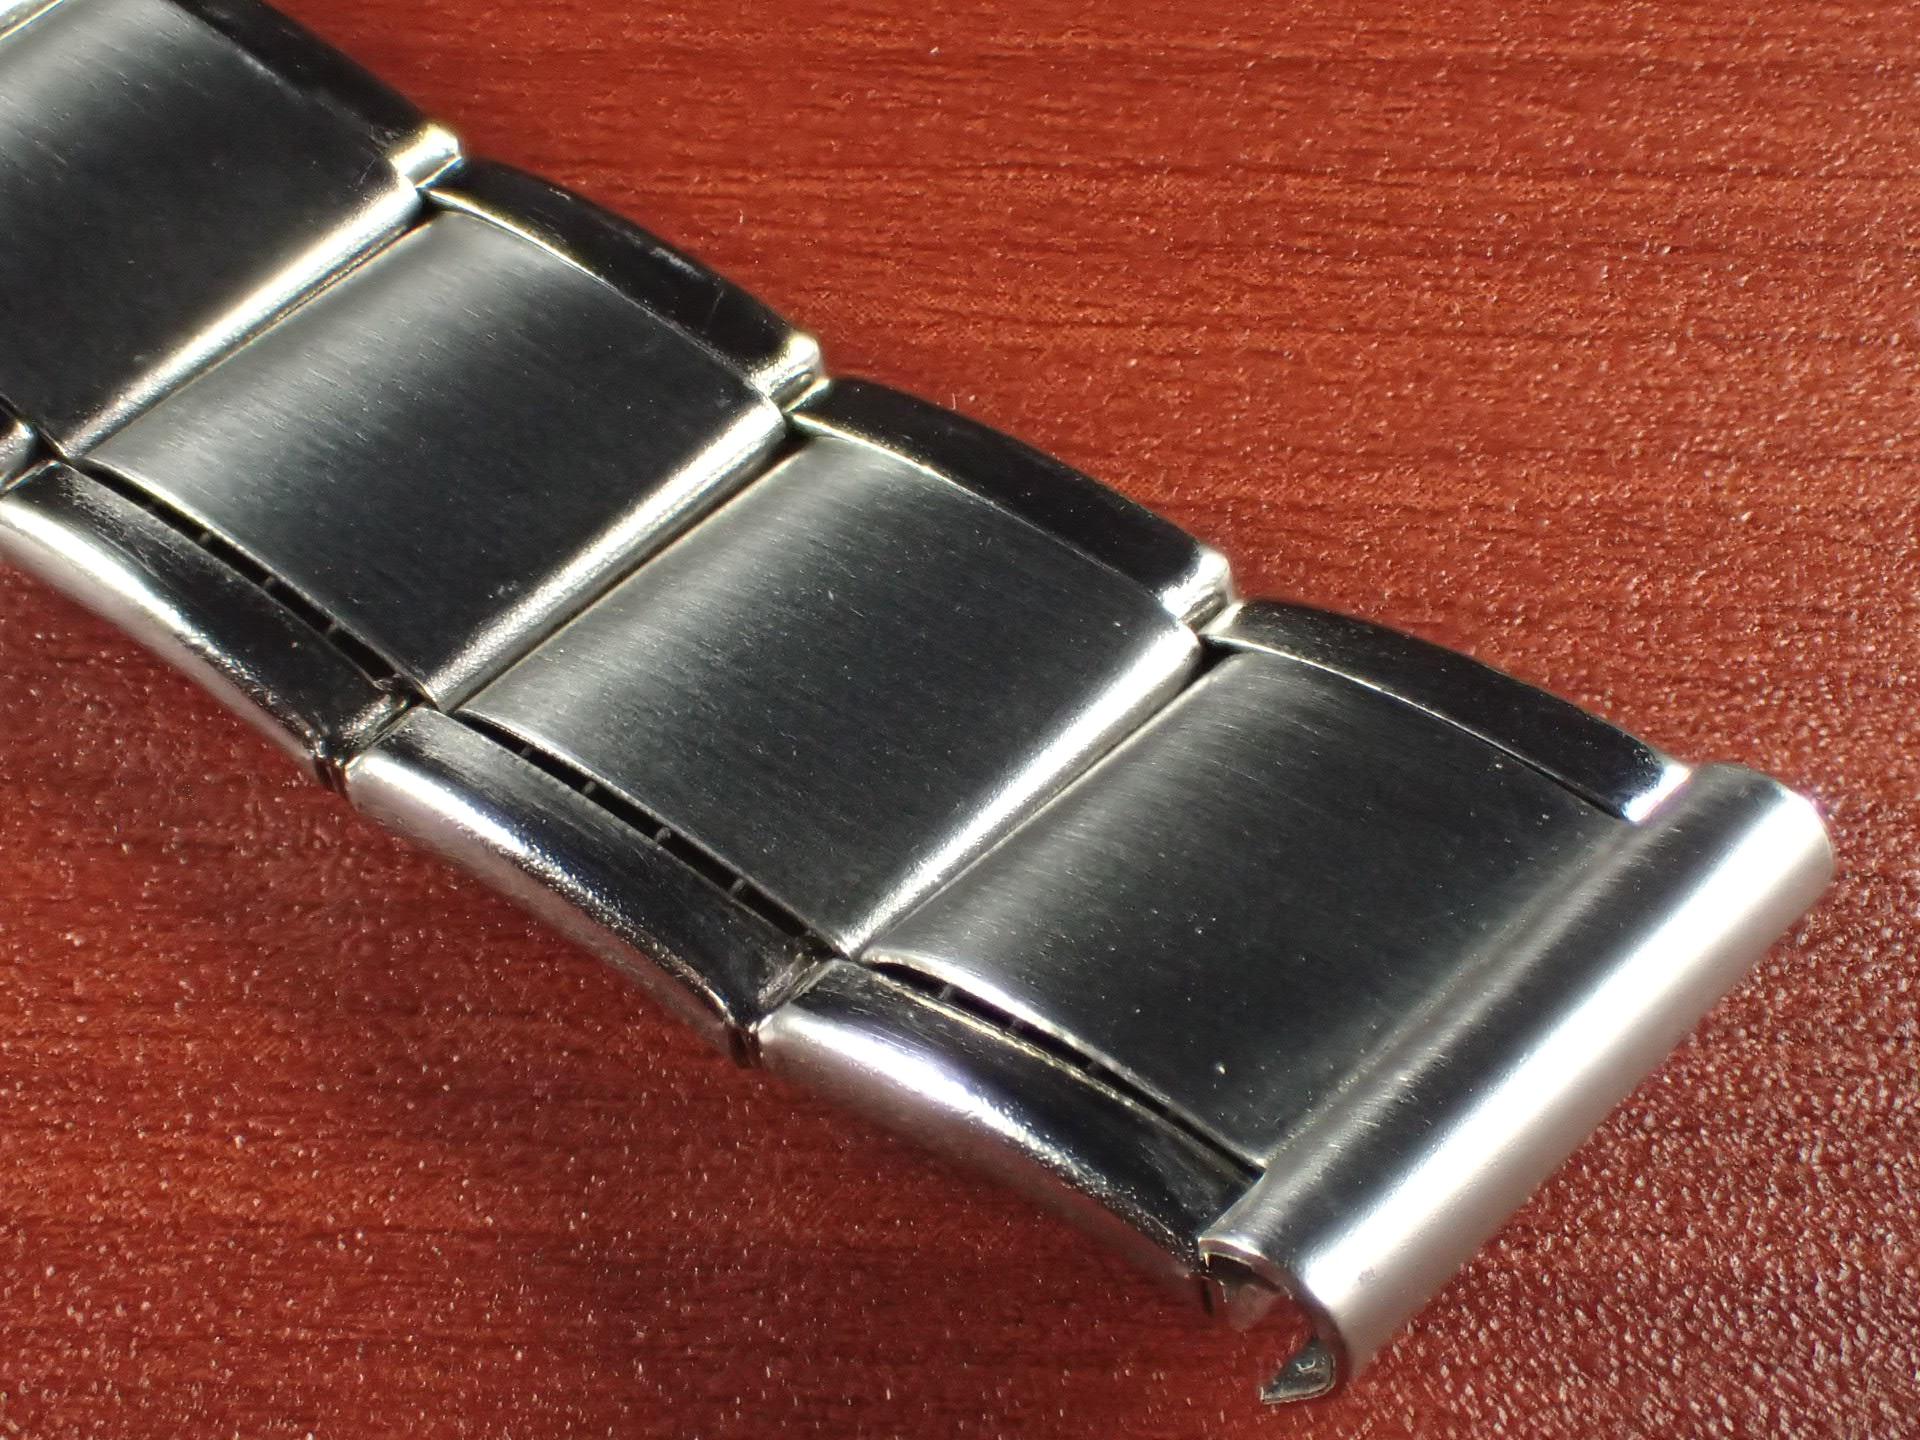 ミドー エクステンションブレスレット NOS 取付幅16mm SS 1950年代の写真6枚目